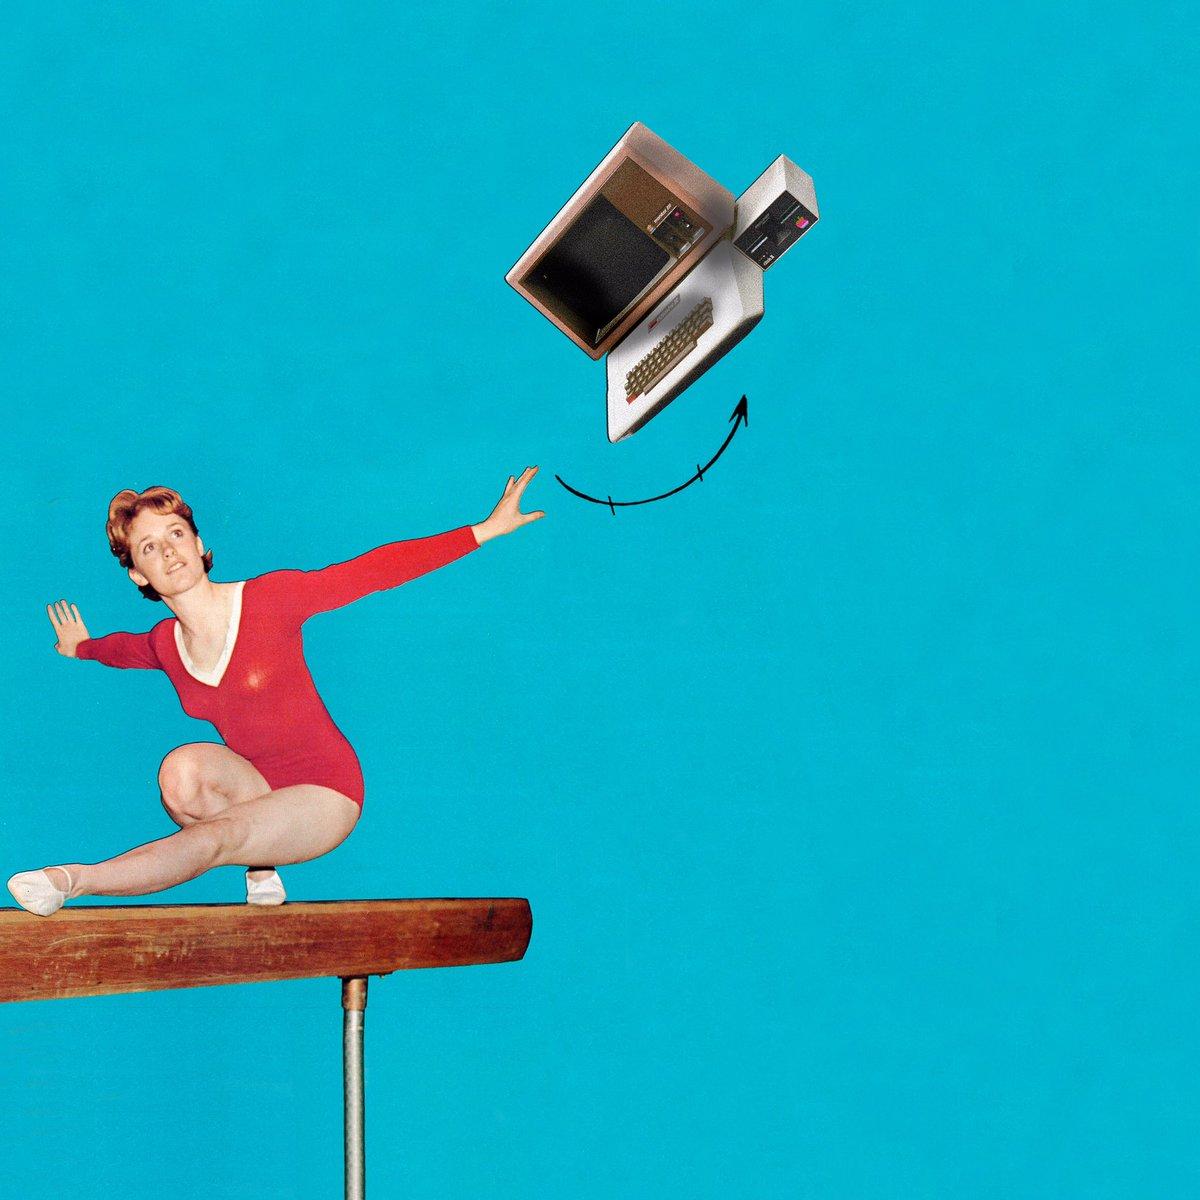 Equilibrio artístico / Artistic balance . #collage #collagear #collagecollectiveco #mujeresquecortanypegan #collageoftheday #collageartist  #art #arte #artwork  #cutandpaste #mallot #lumese #gym #gimnastics #gimnasiaartistica #mac #bluepic.twitter.com/pMDgL8Zv2d